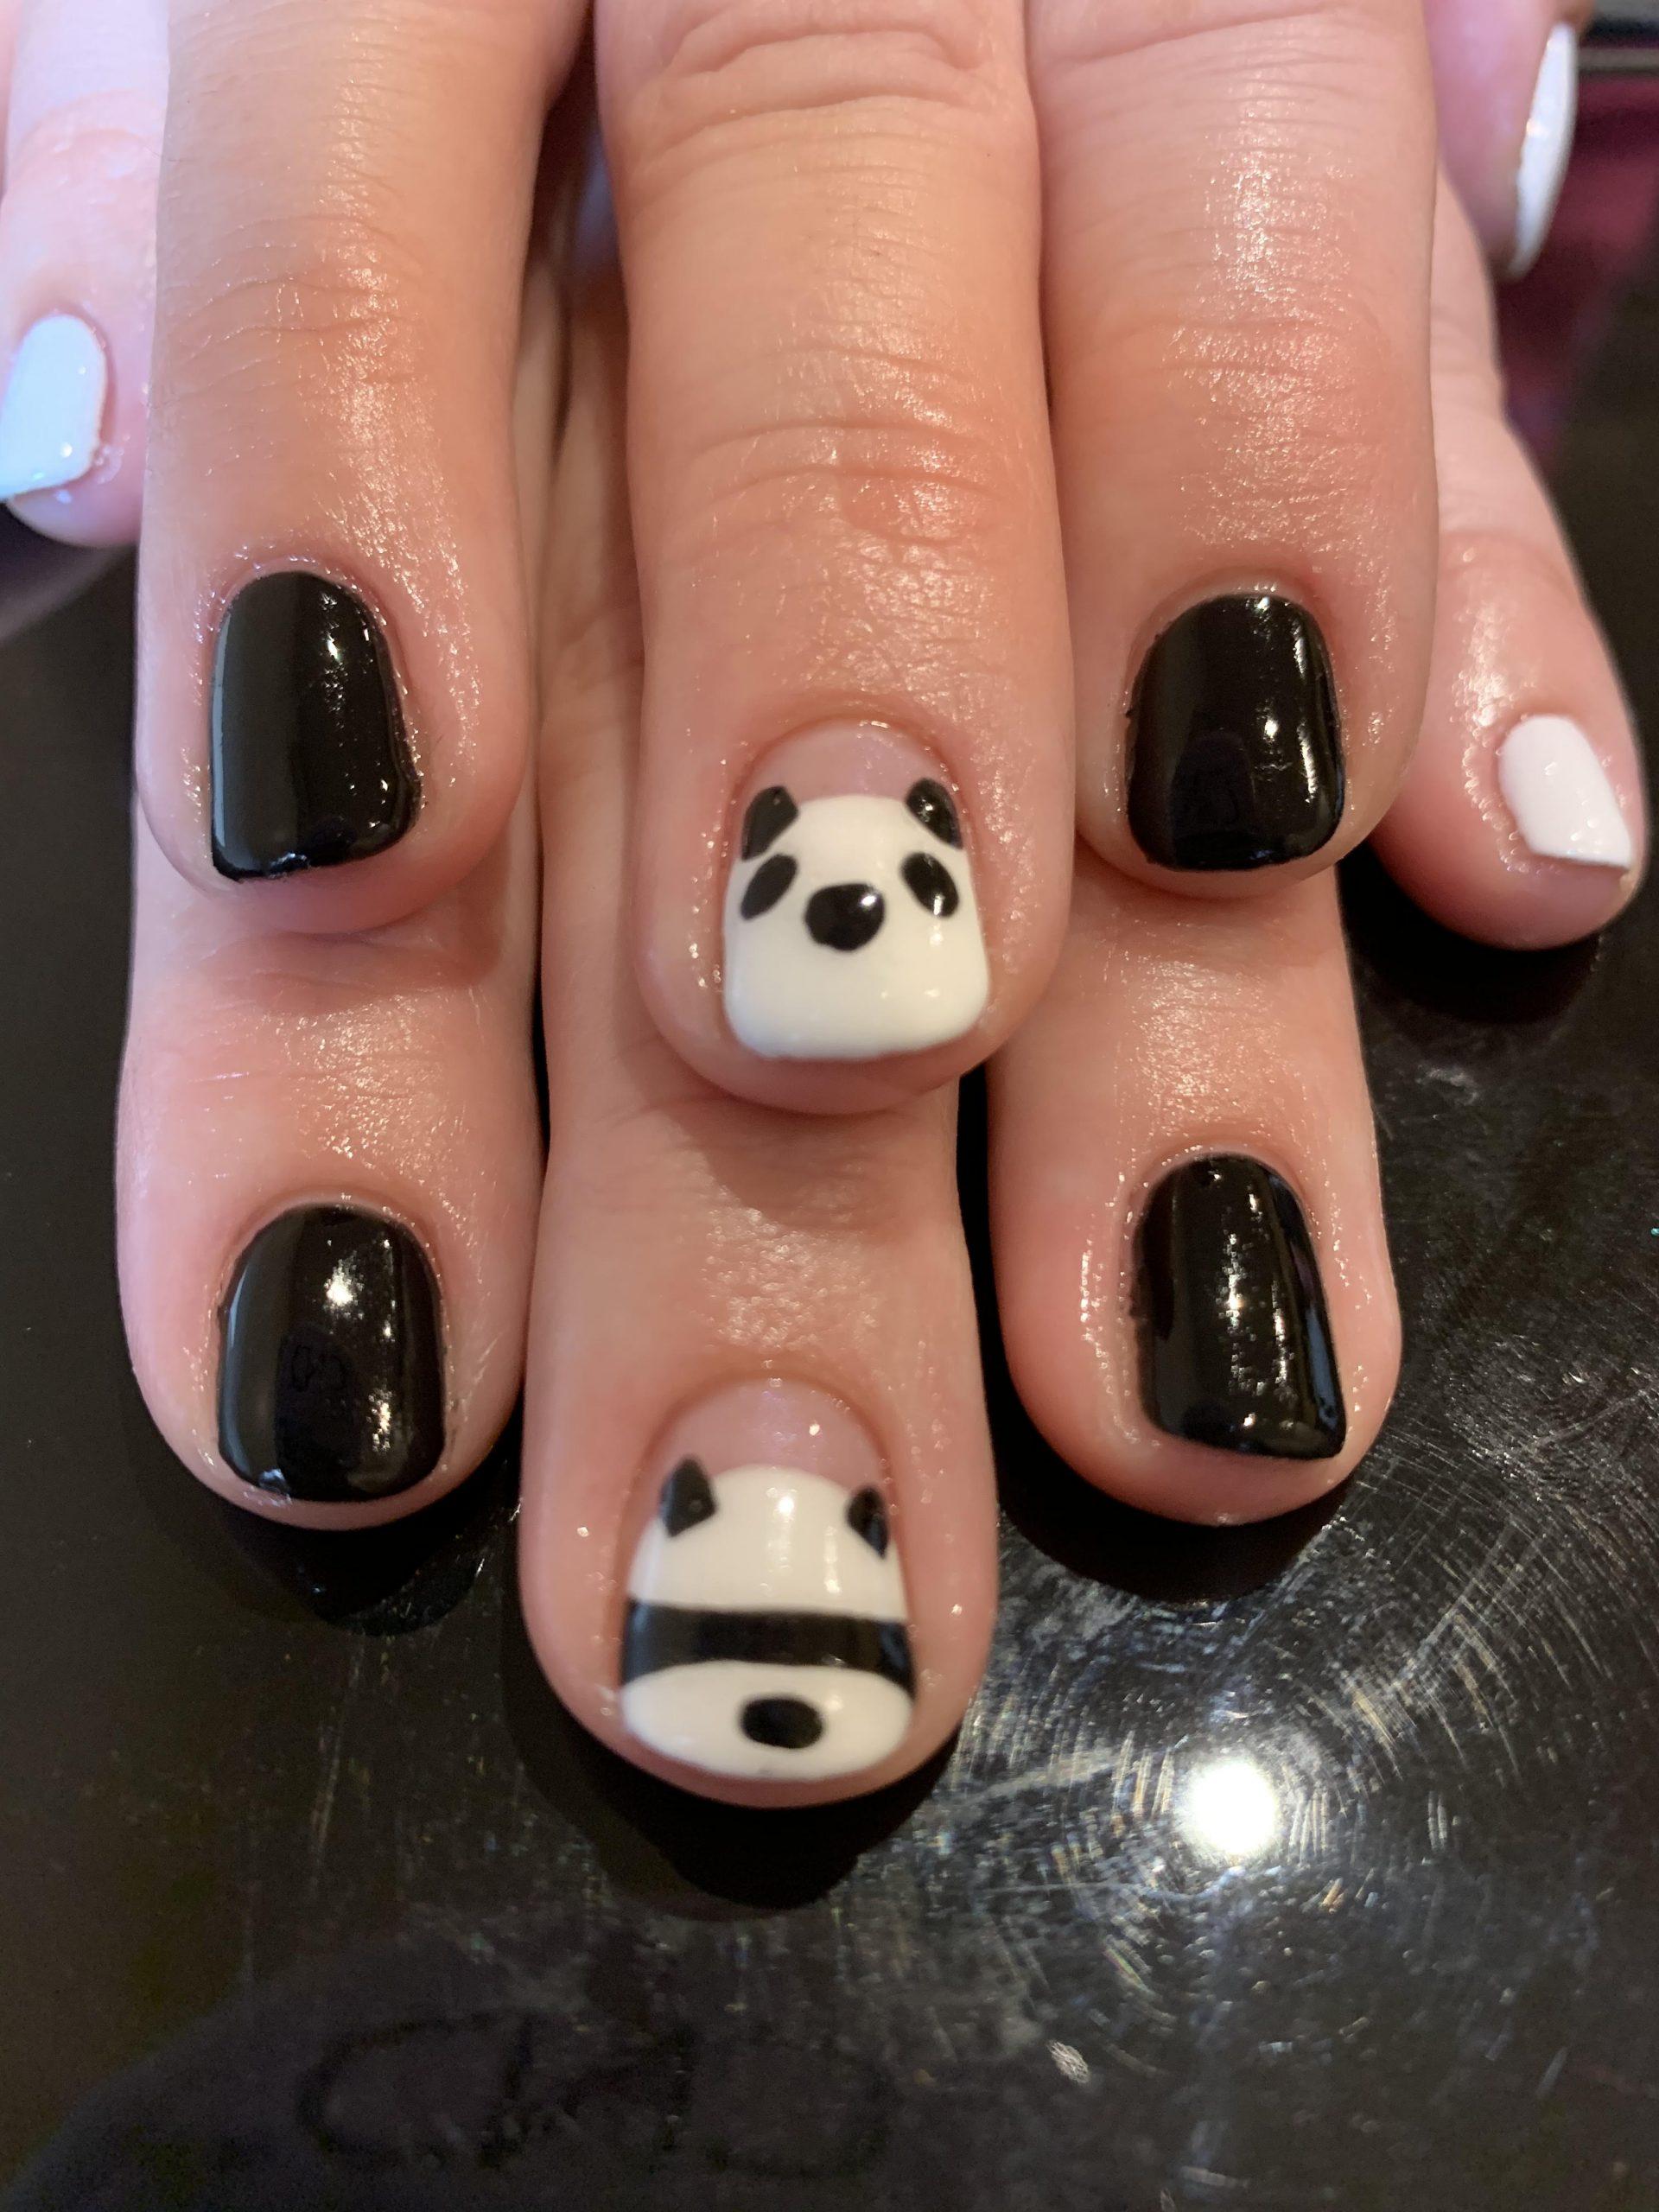 Panda nail art, CND Shellac, nail art, nail pro, nail artist, nail technician, gel nails, shellac nails, acrylic nails, ware, mobile